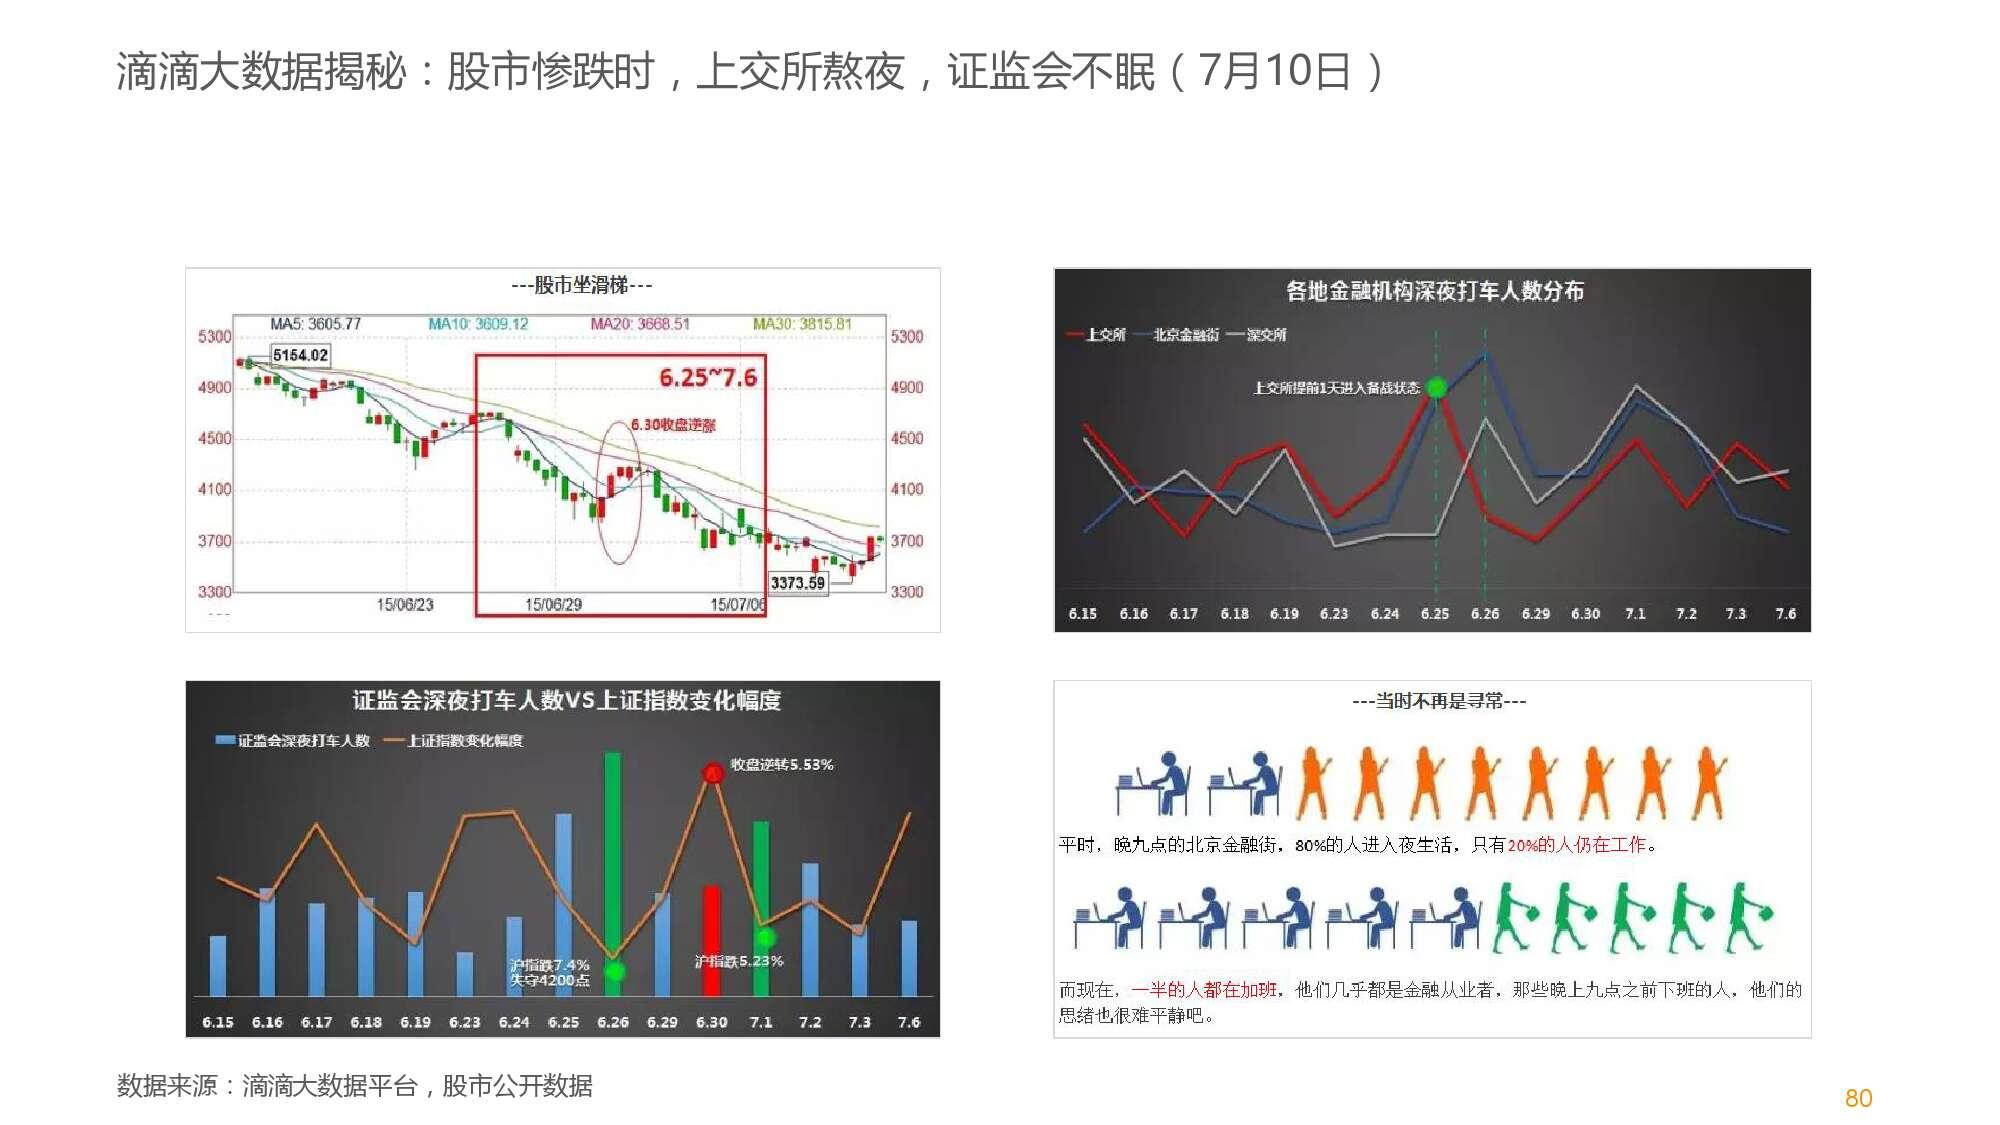 中国智能出行2015大数据报告_000081